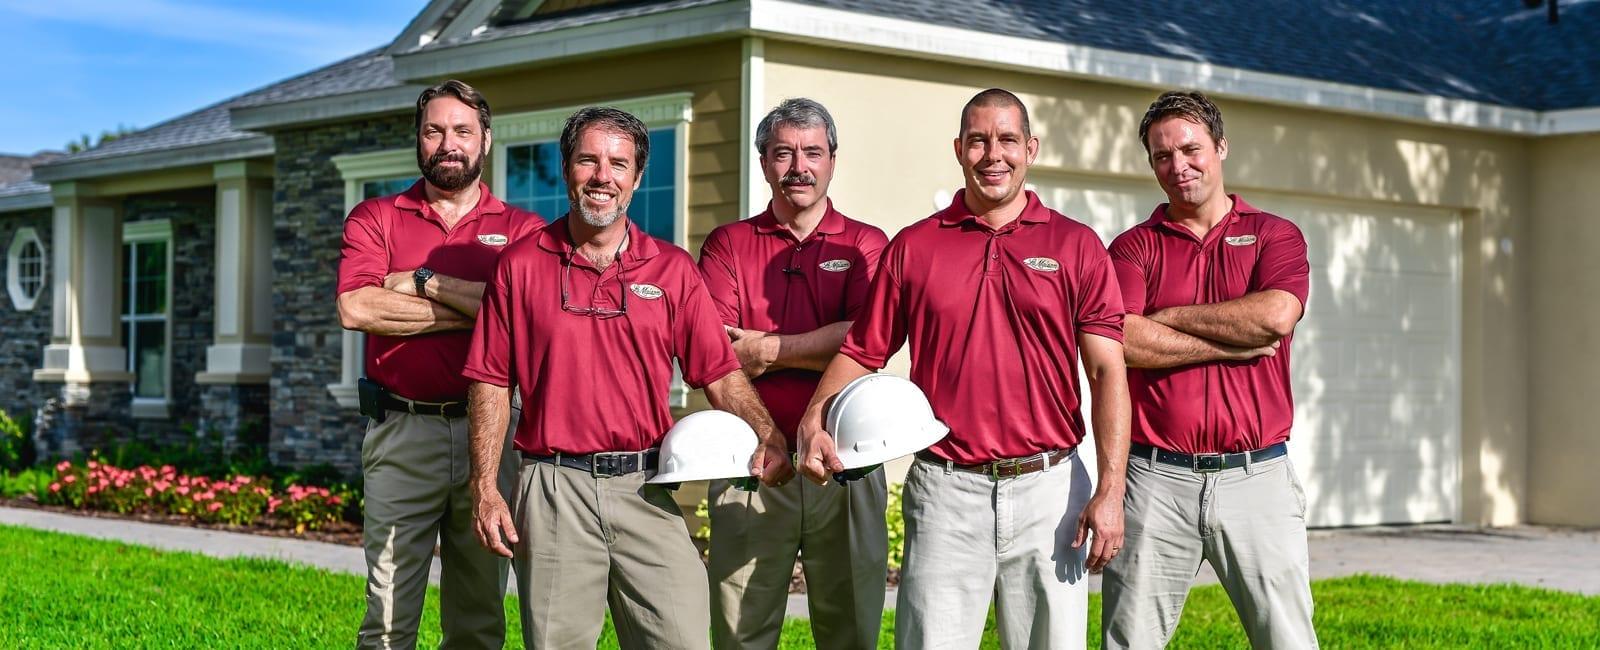 Sarasota Home Inspection Services by La Maison